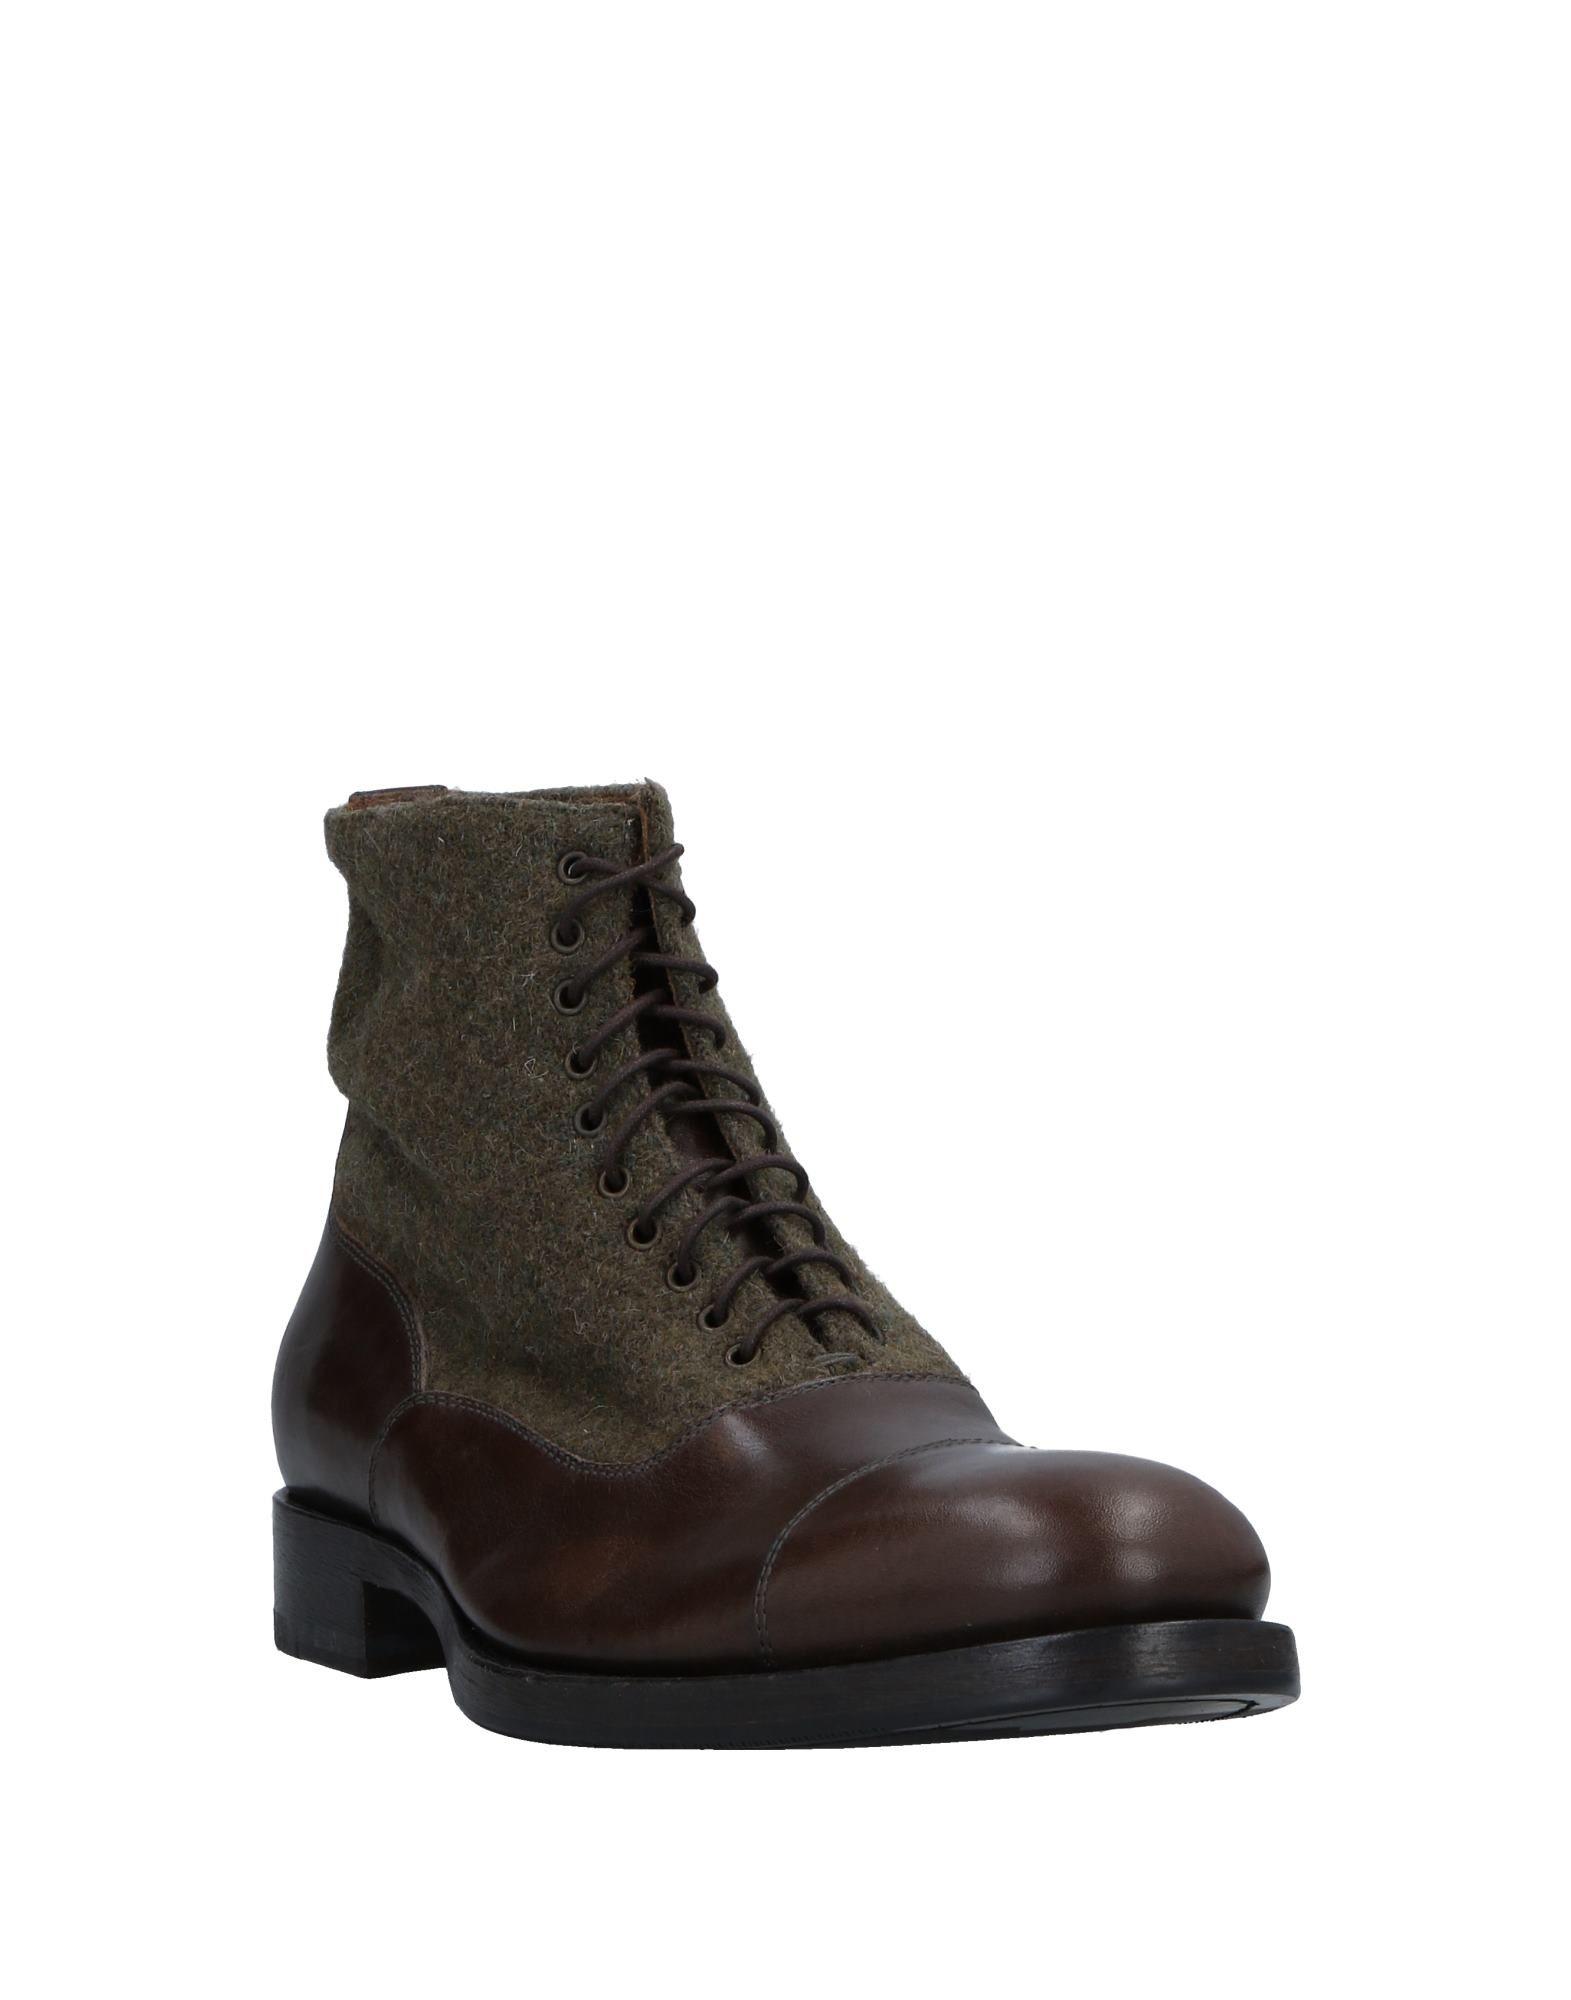 Buttero® Stiefelette Schuhe Herren  11534794UD Heiße Schuhe Stiefelette d22736